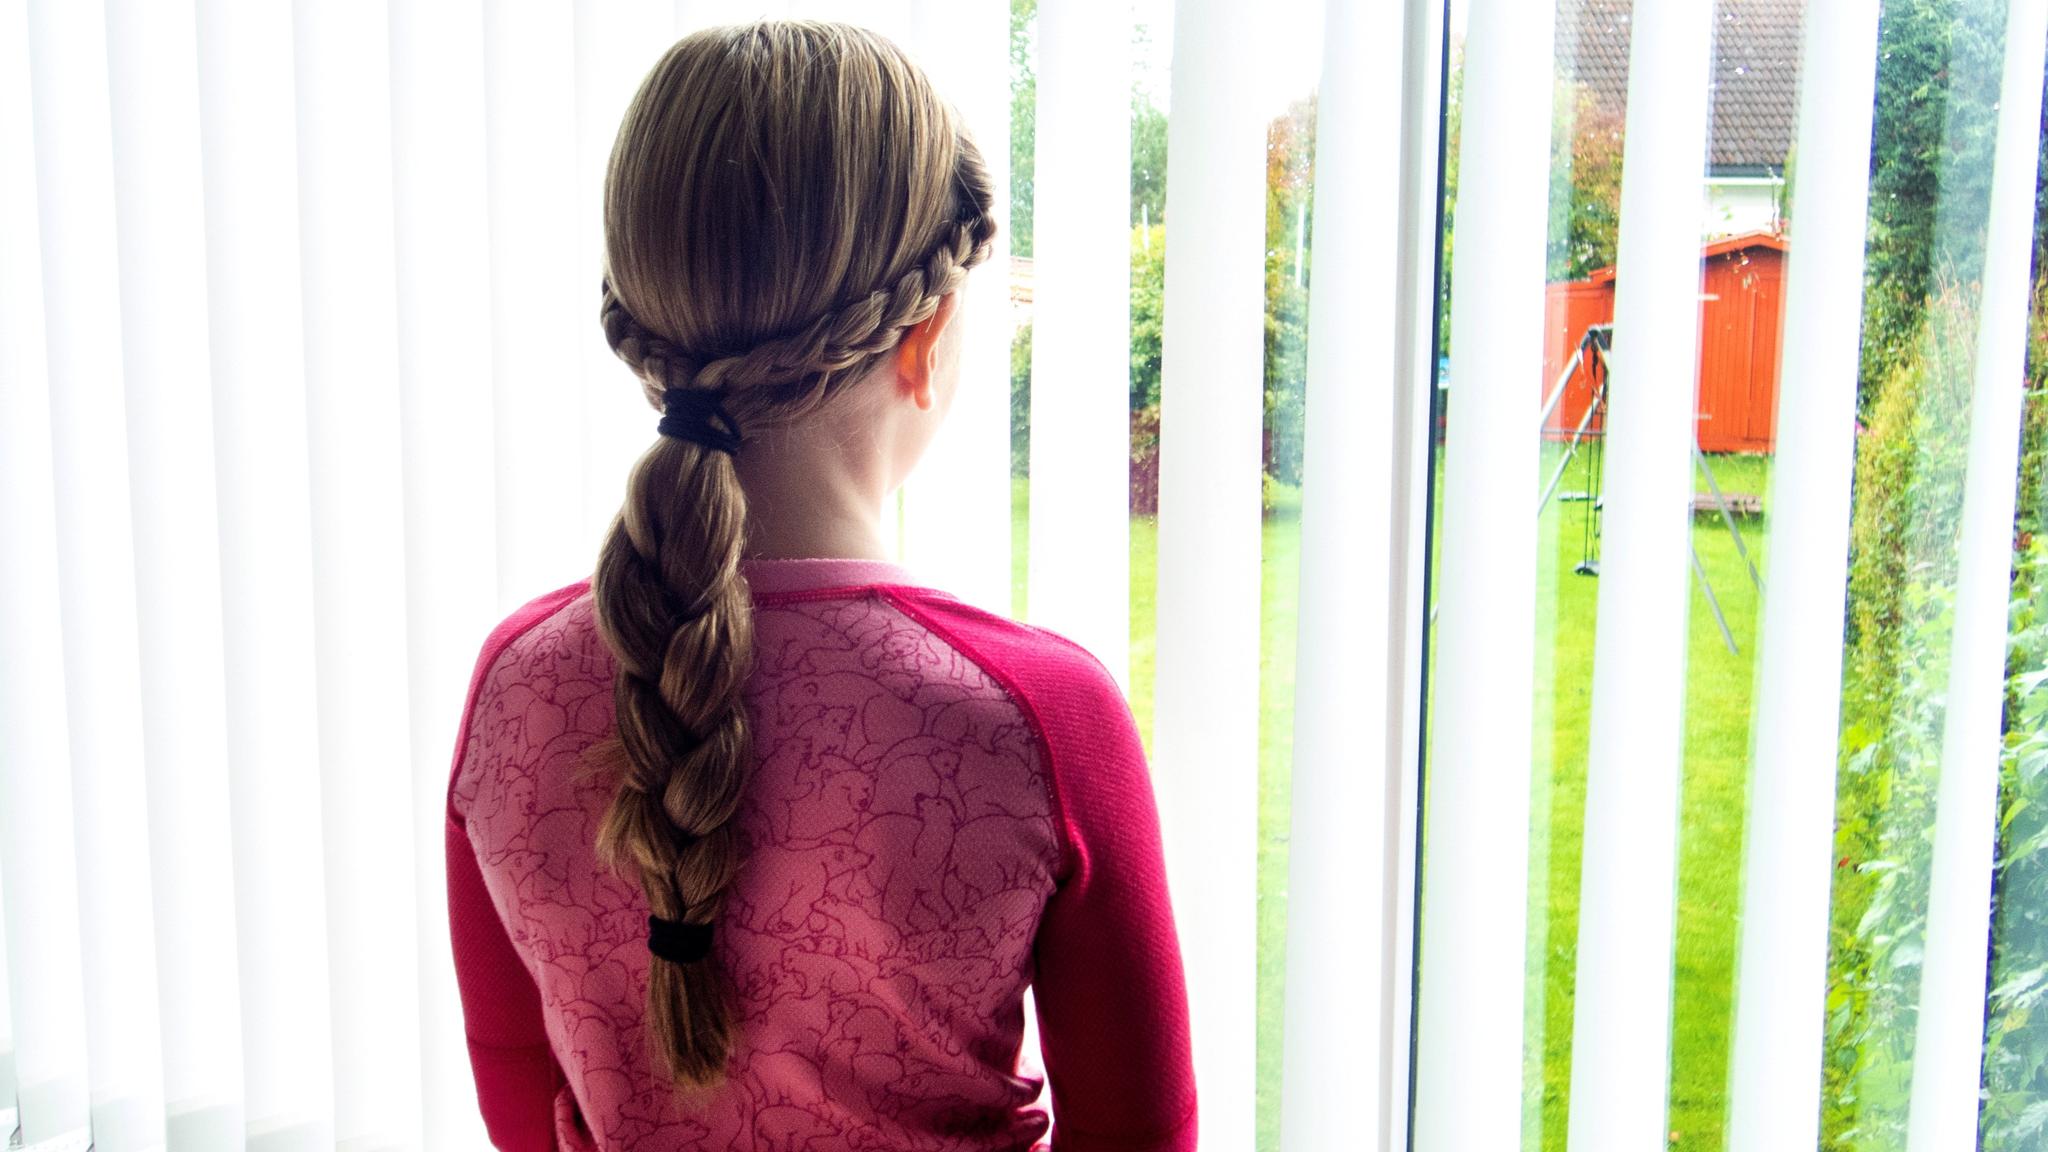 Lapsi voi kokea olonsa yksinäiseksi kesälomalla